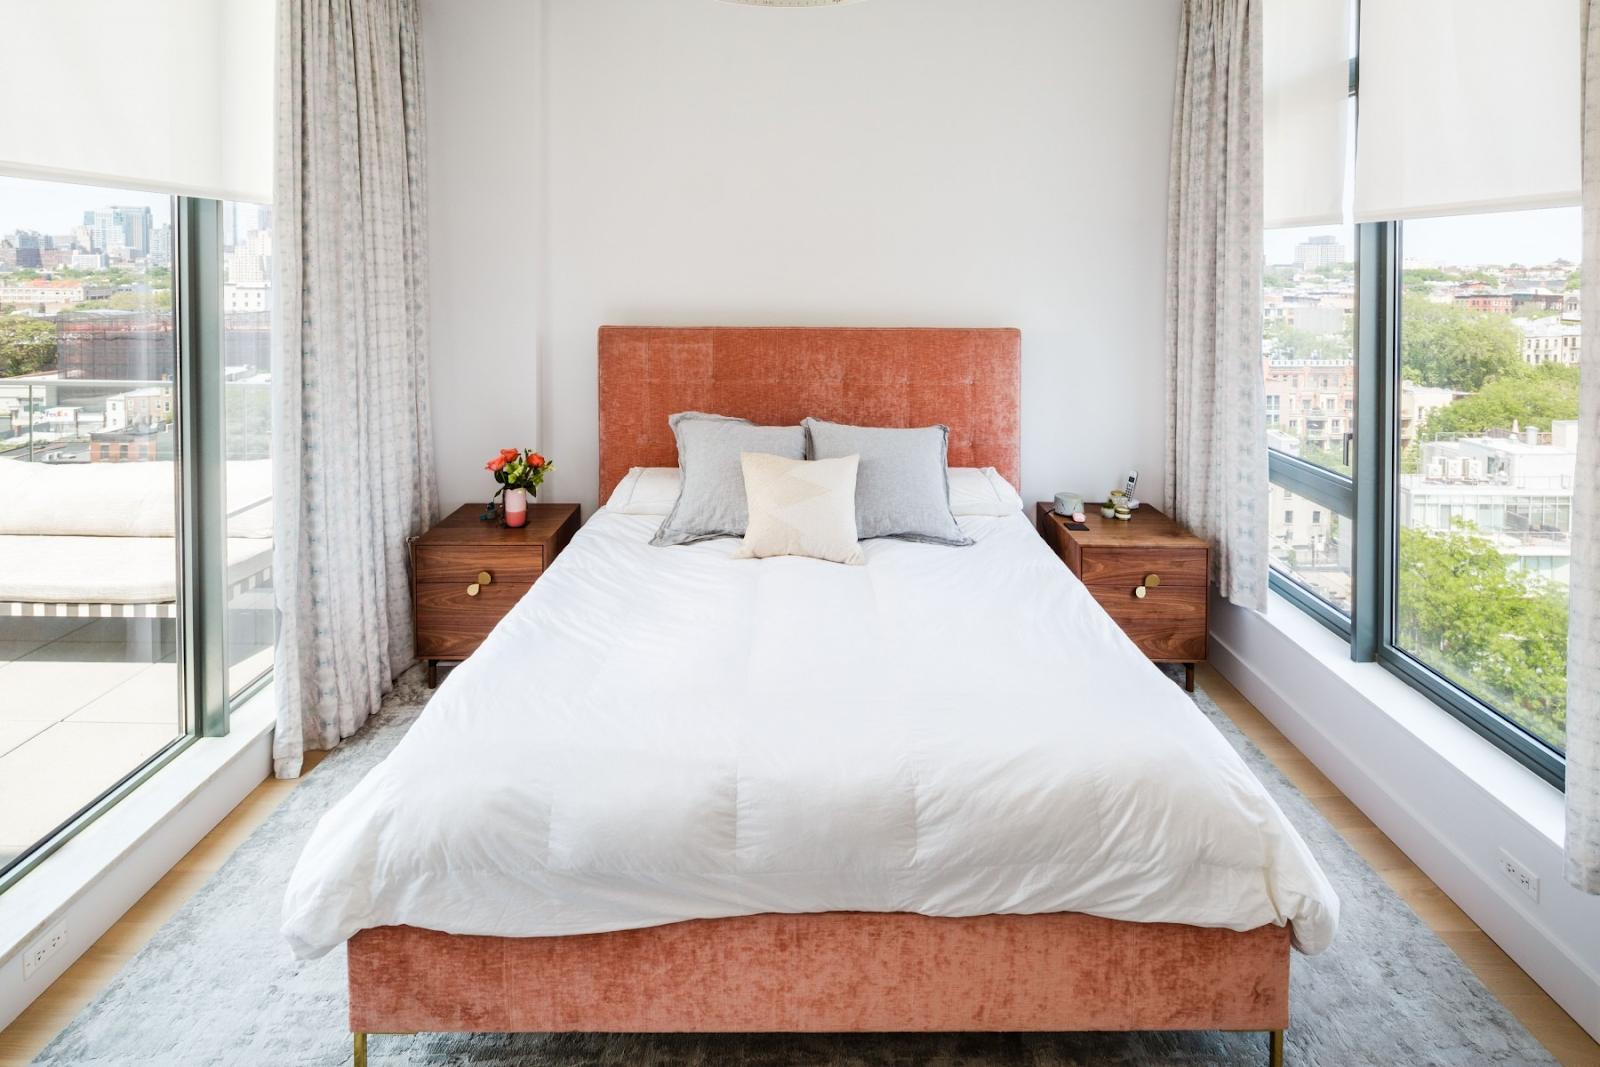 Bí quyết thiết kế căn hộ với cửa sổ kính từ sàn đến trần nhà